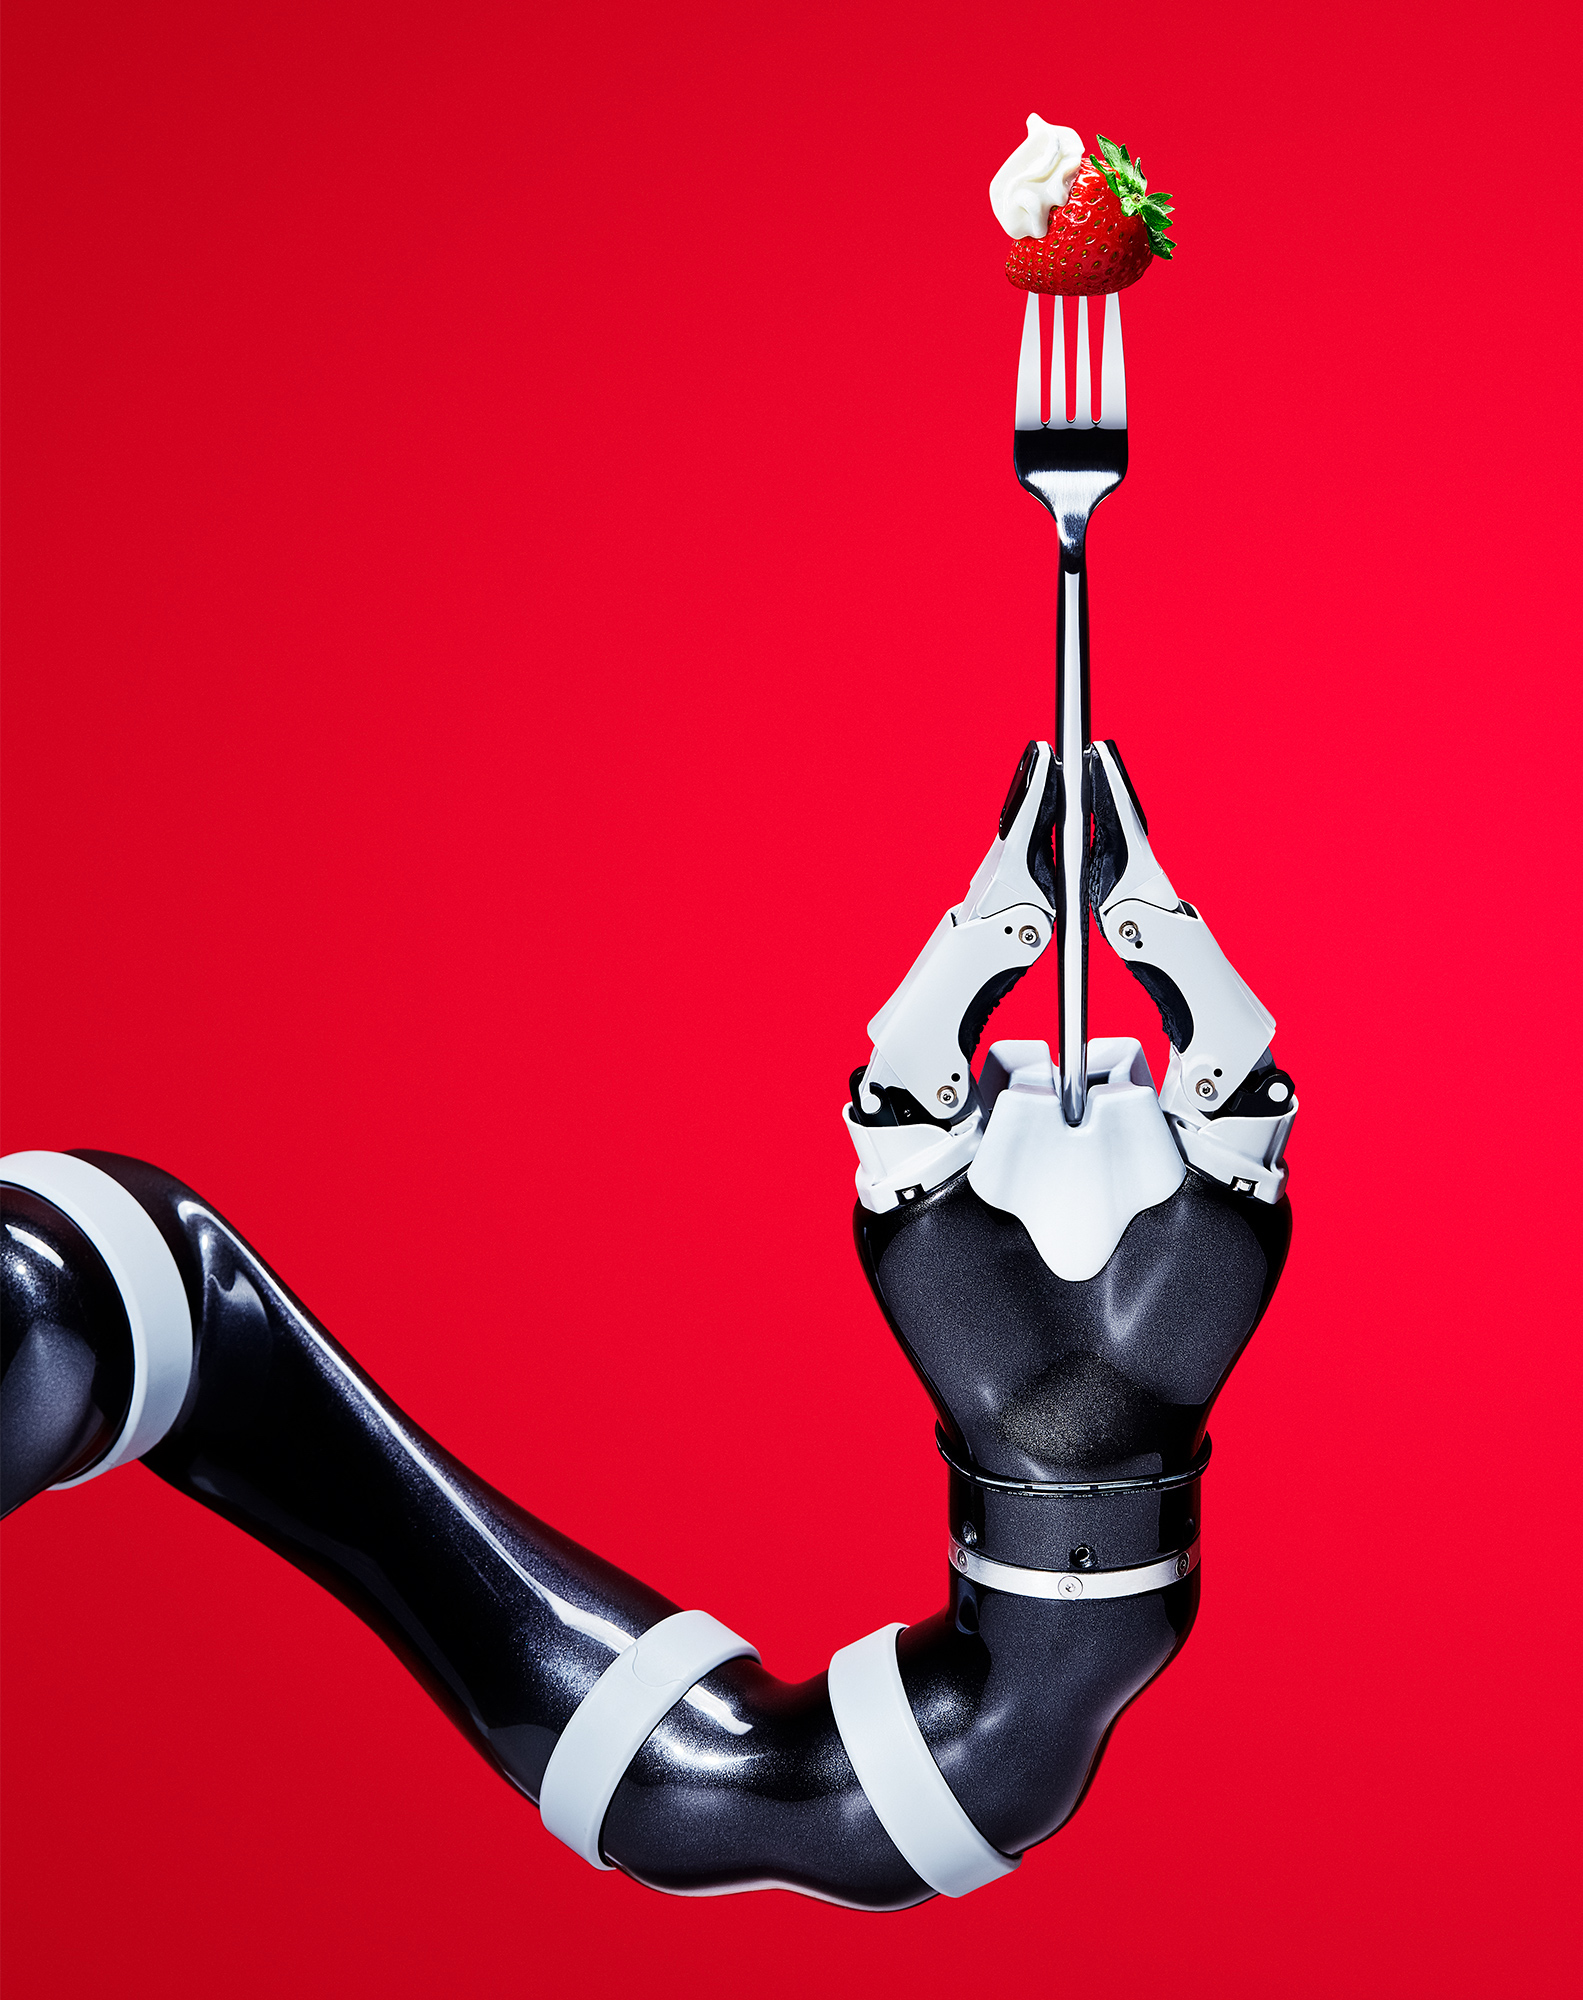 The Assistive Dexterous Arm